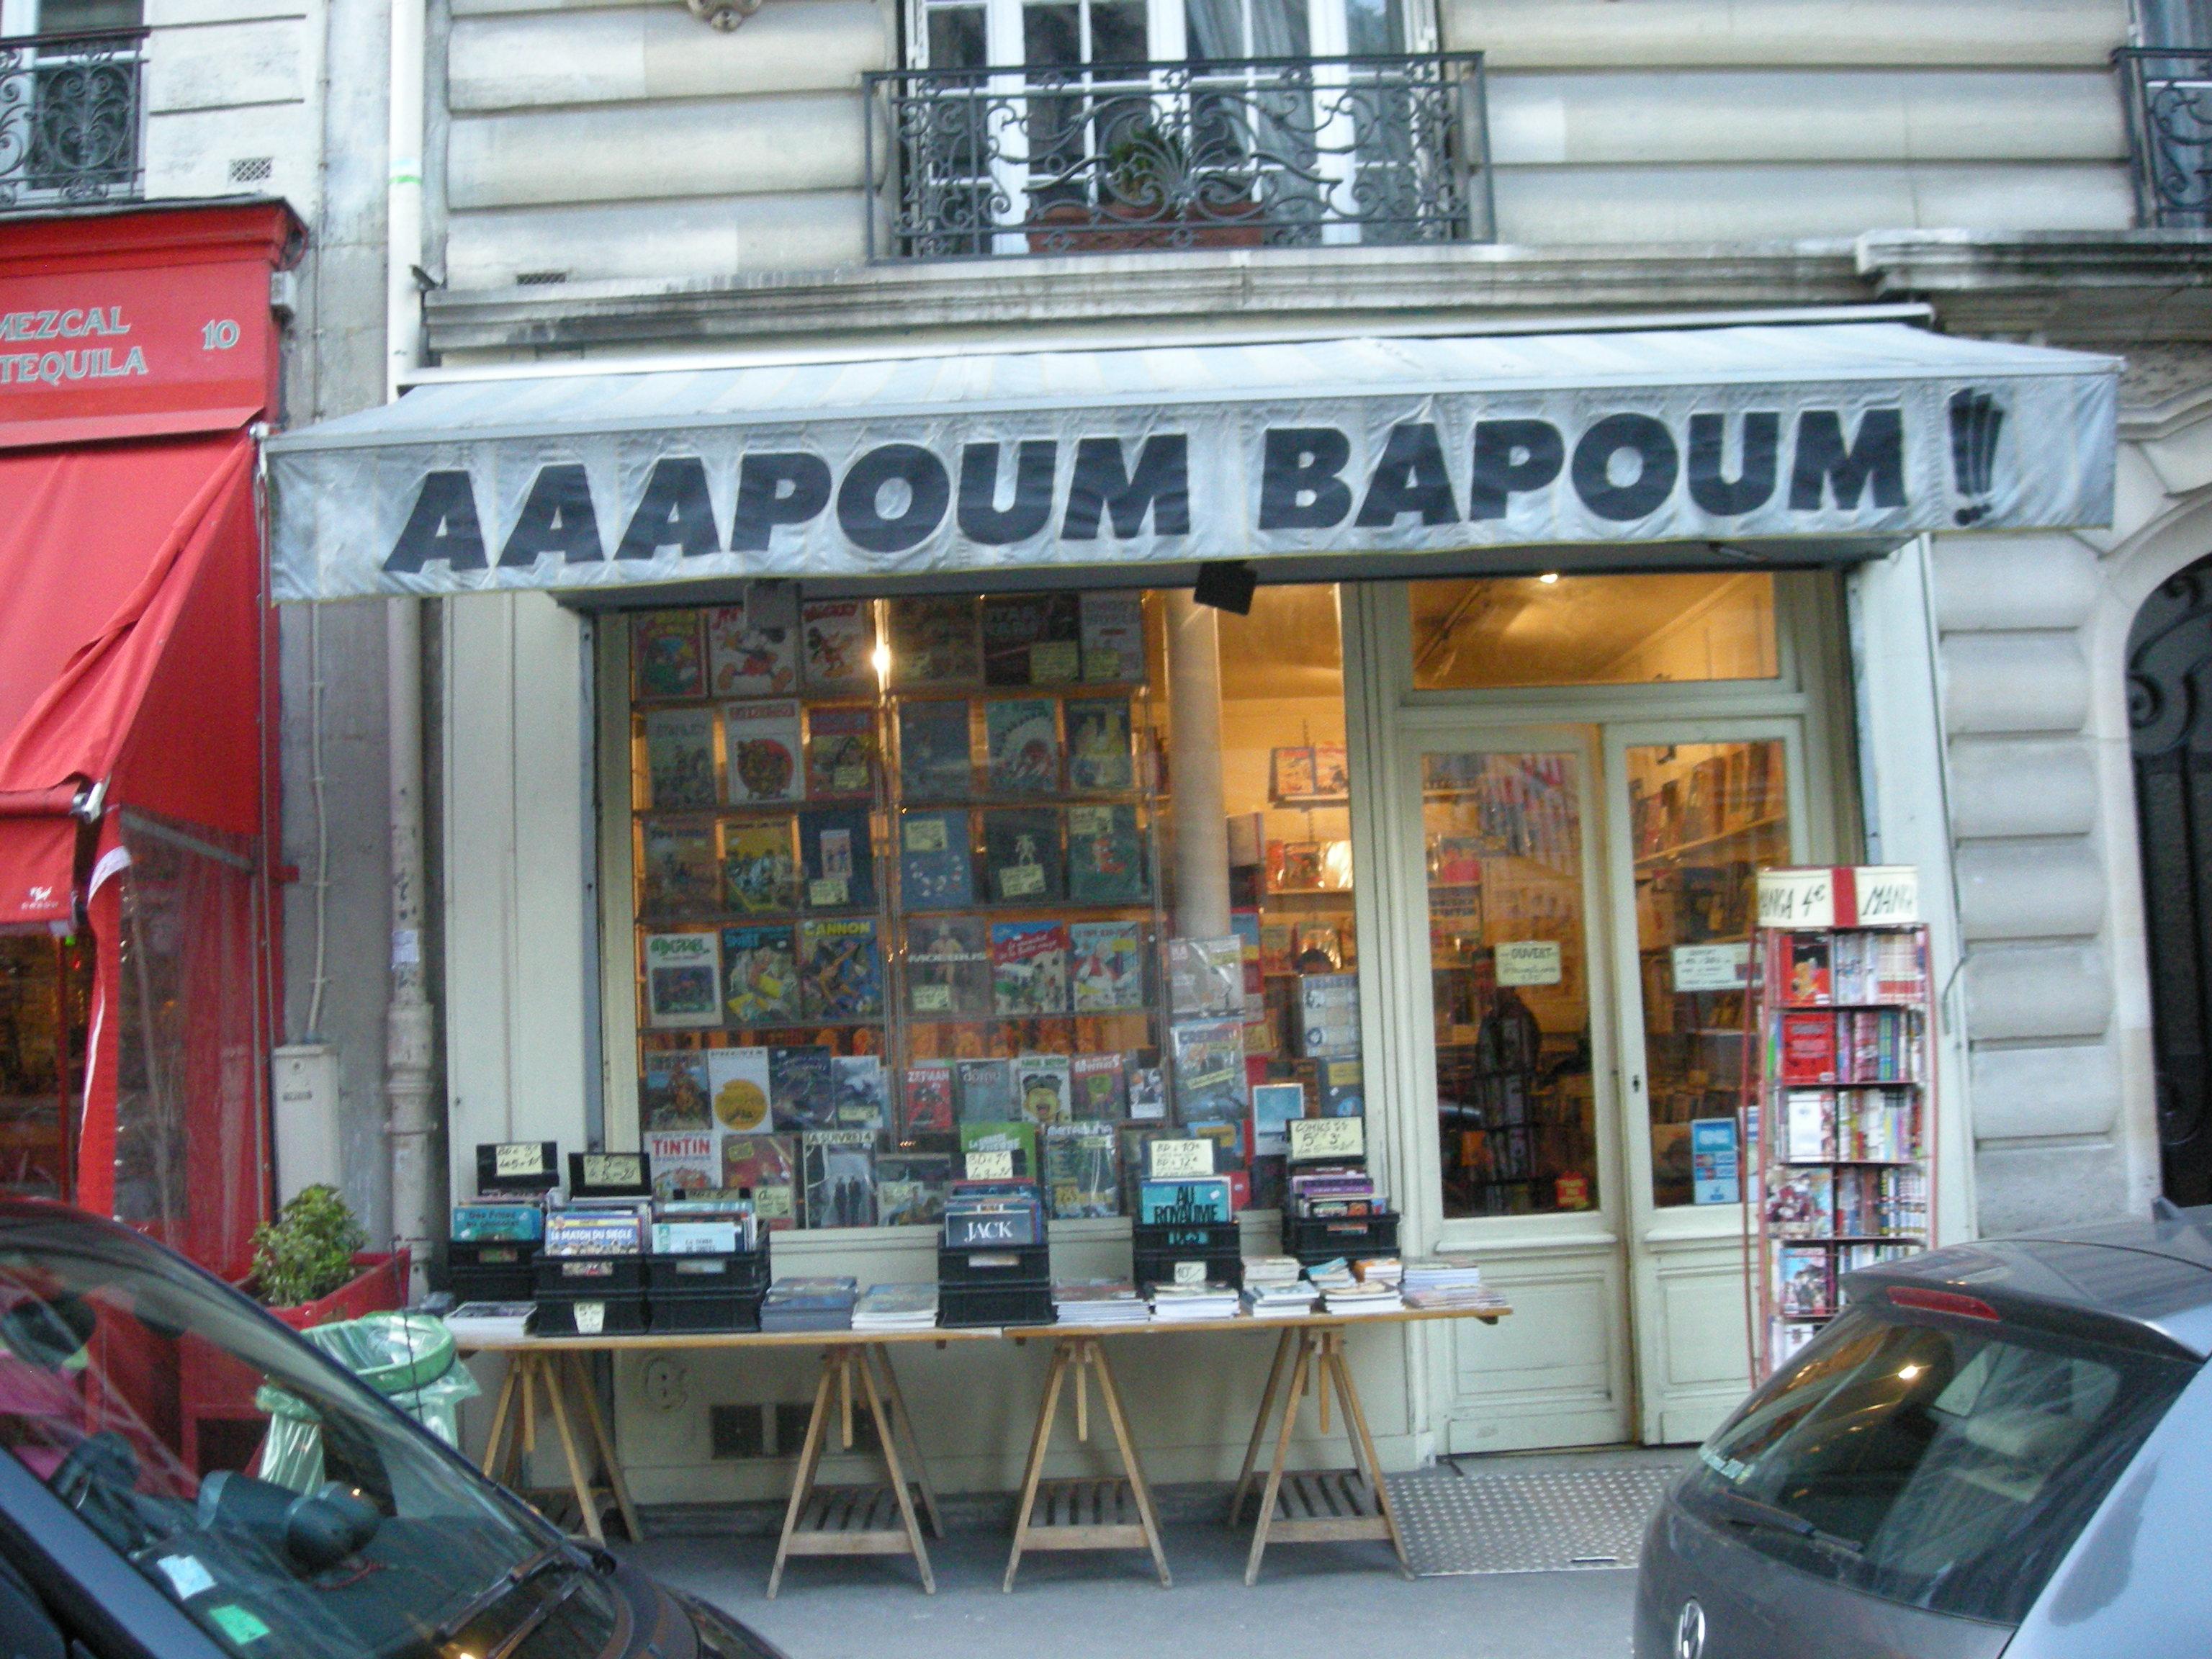 Aaapoum bapoum - Dante